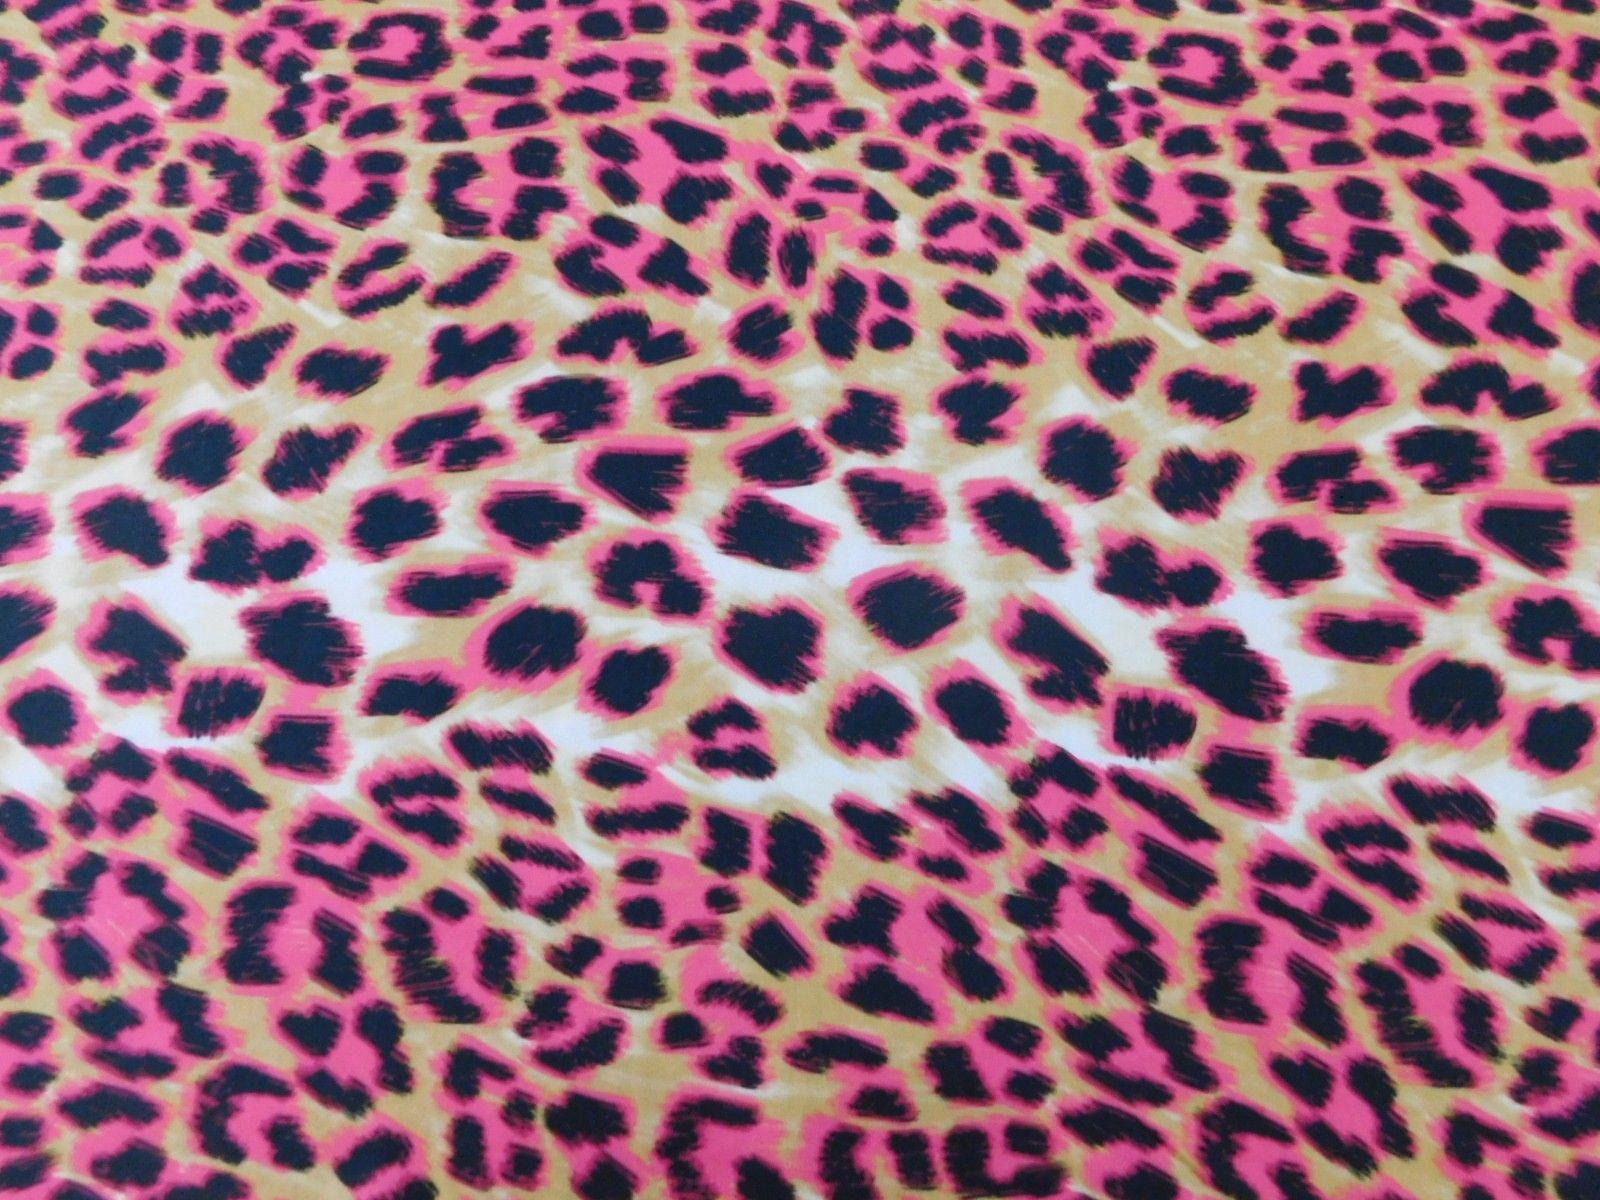 Viscose Toque de Seda Onça Pink disponível em nossa loja ! Em até 6x sem juros e enviamos para todo Brasil, aproveite !  https://www.luematecidos.com.br/viscose-estampada/viscose-toque-de-seda-onca-pink.html